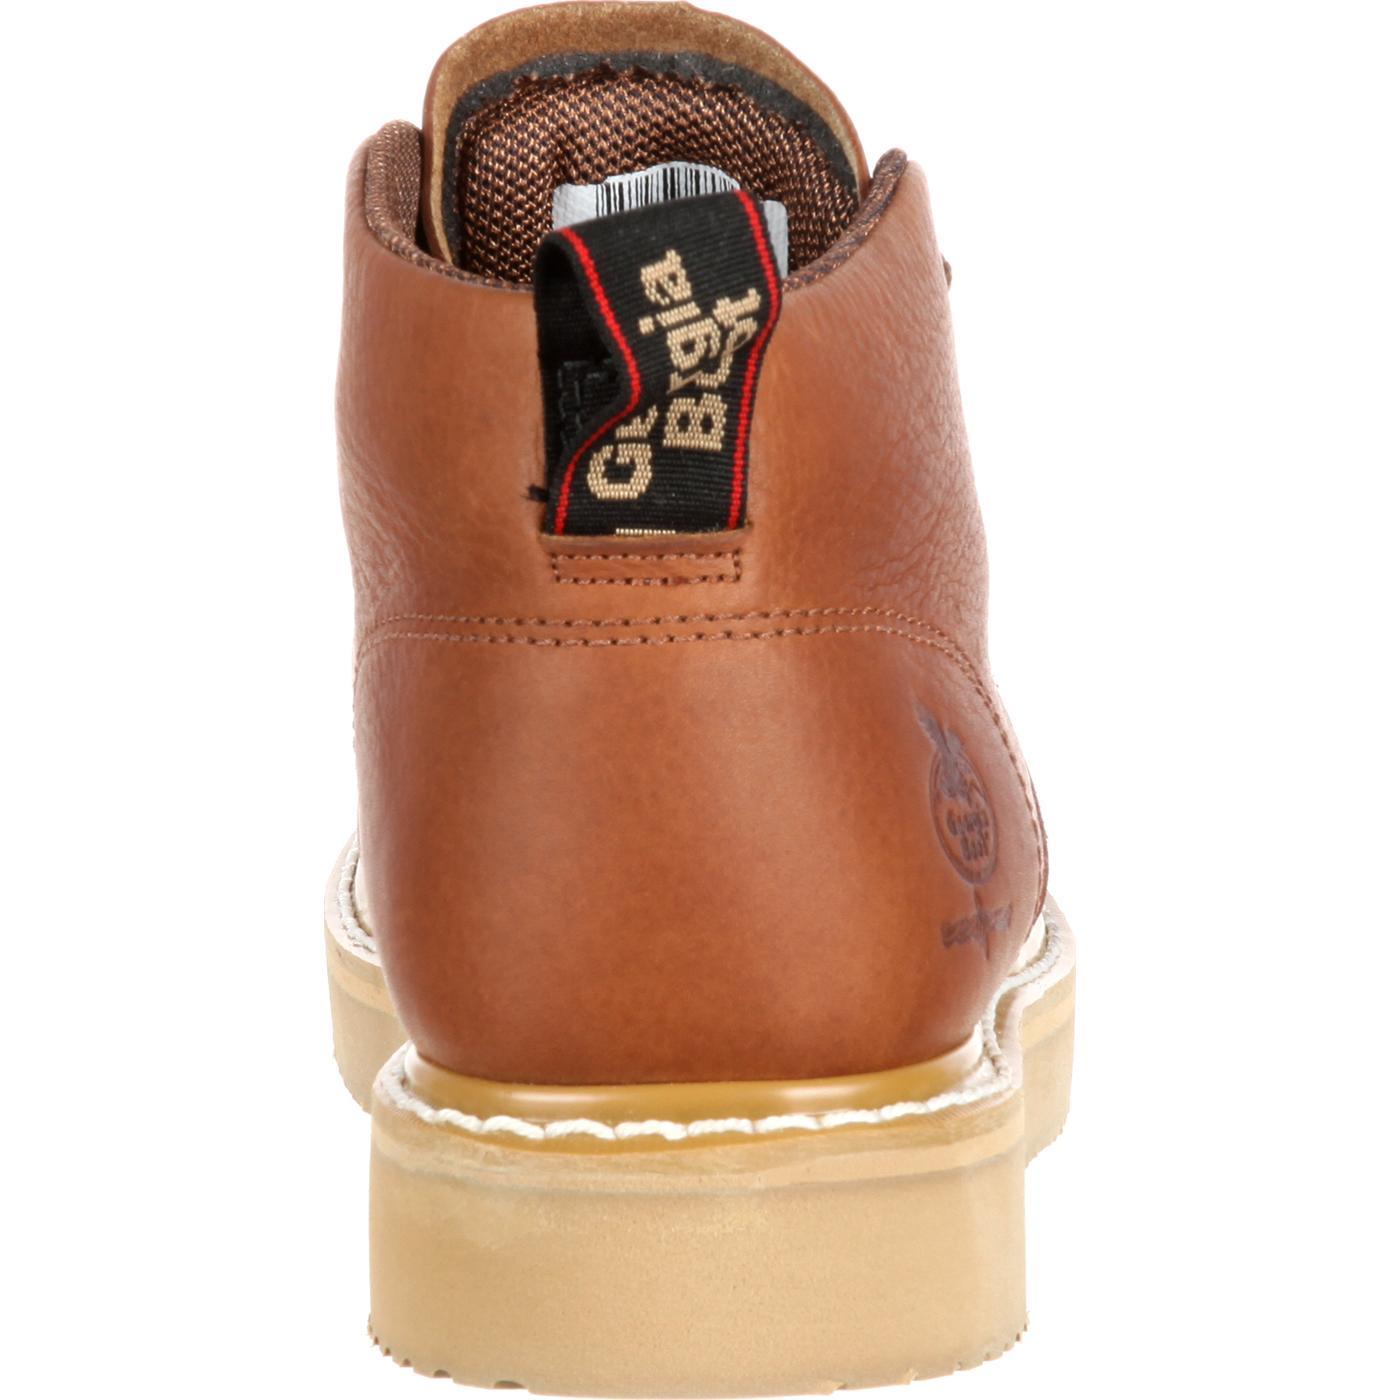 66f983ead97 Georgia Boot  Farm   Ranch Chukka Work Boot